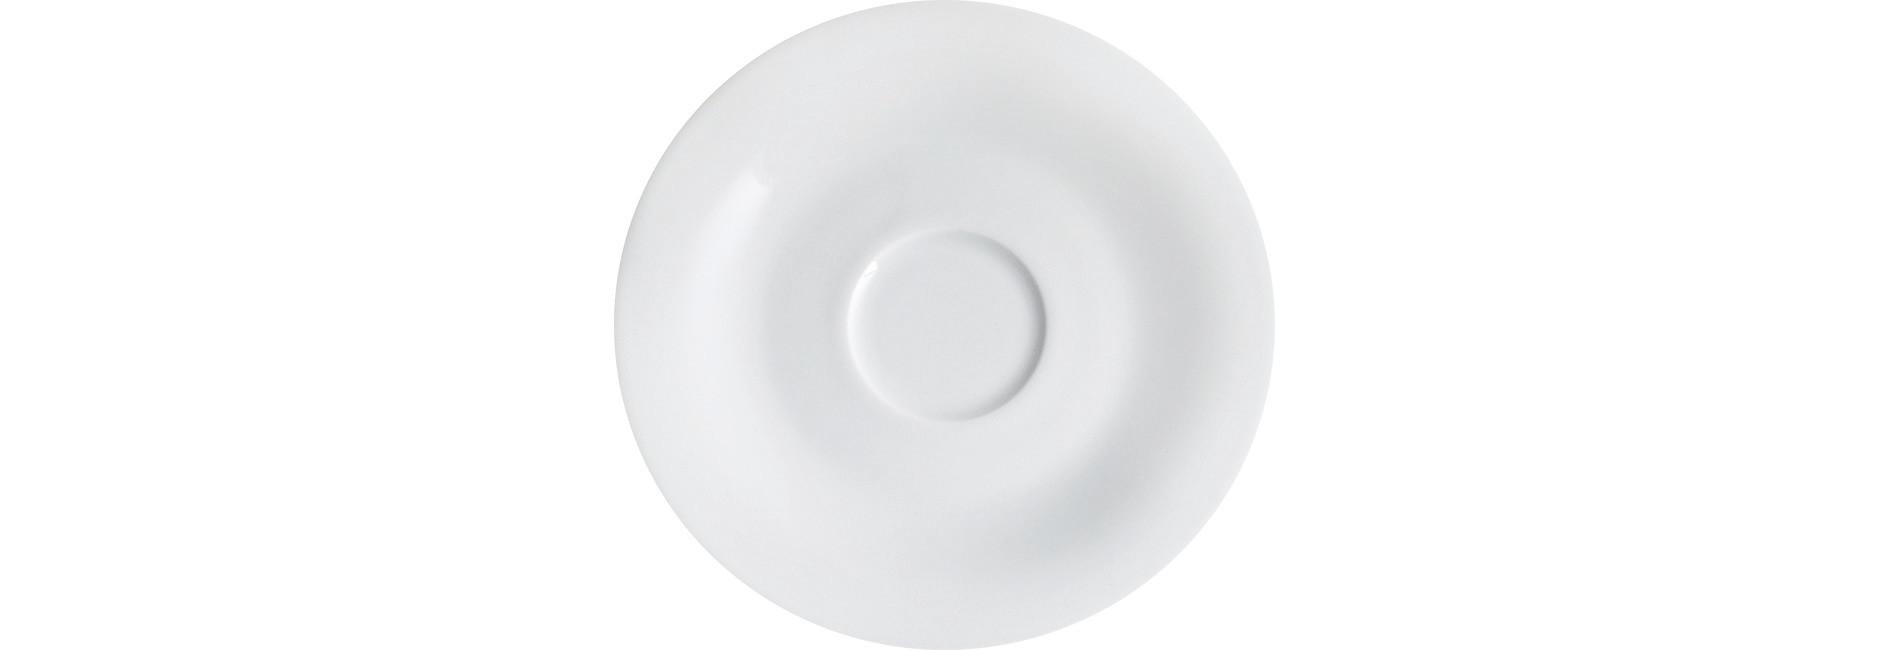 Pronto, Untertasse ø 120 mm weiß